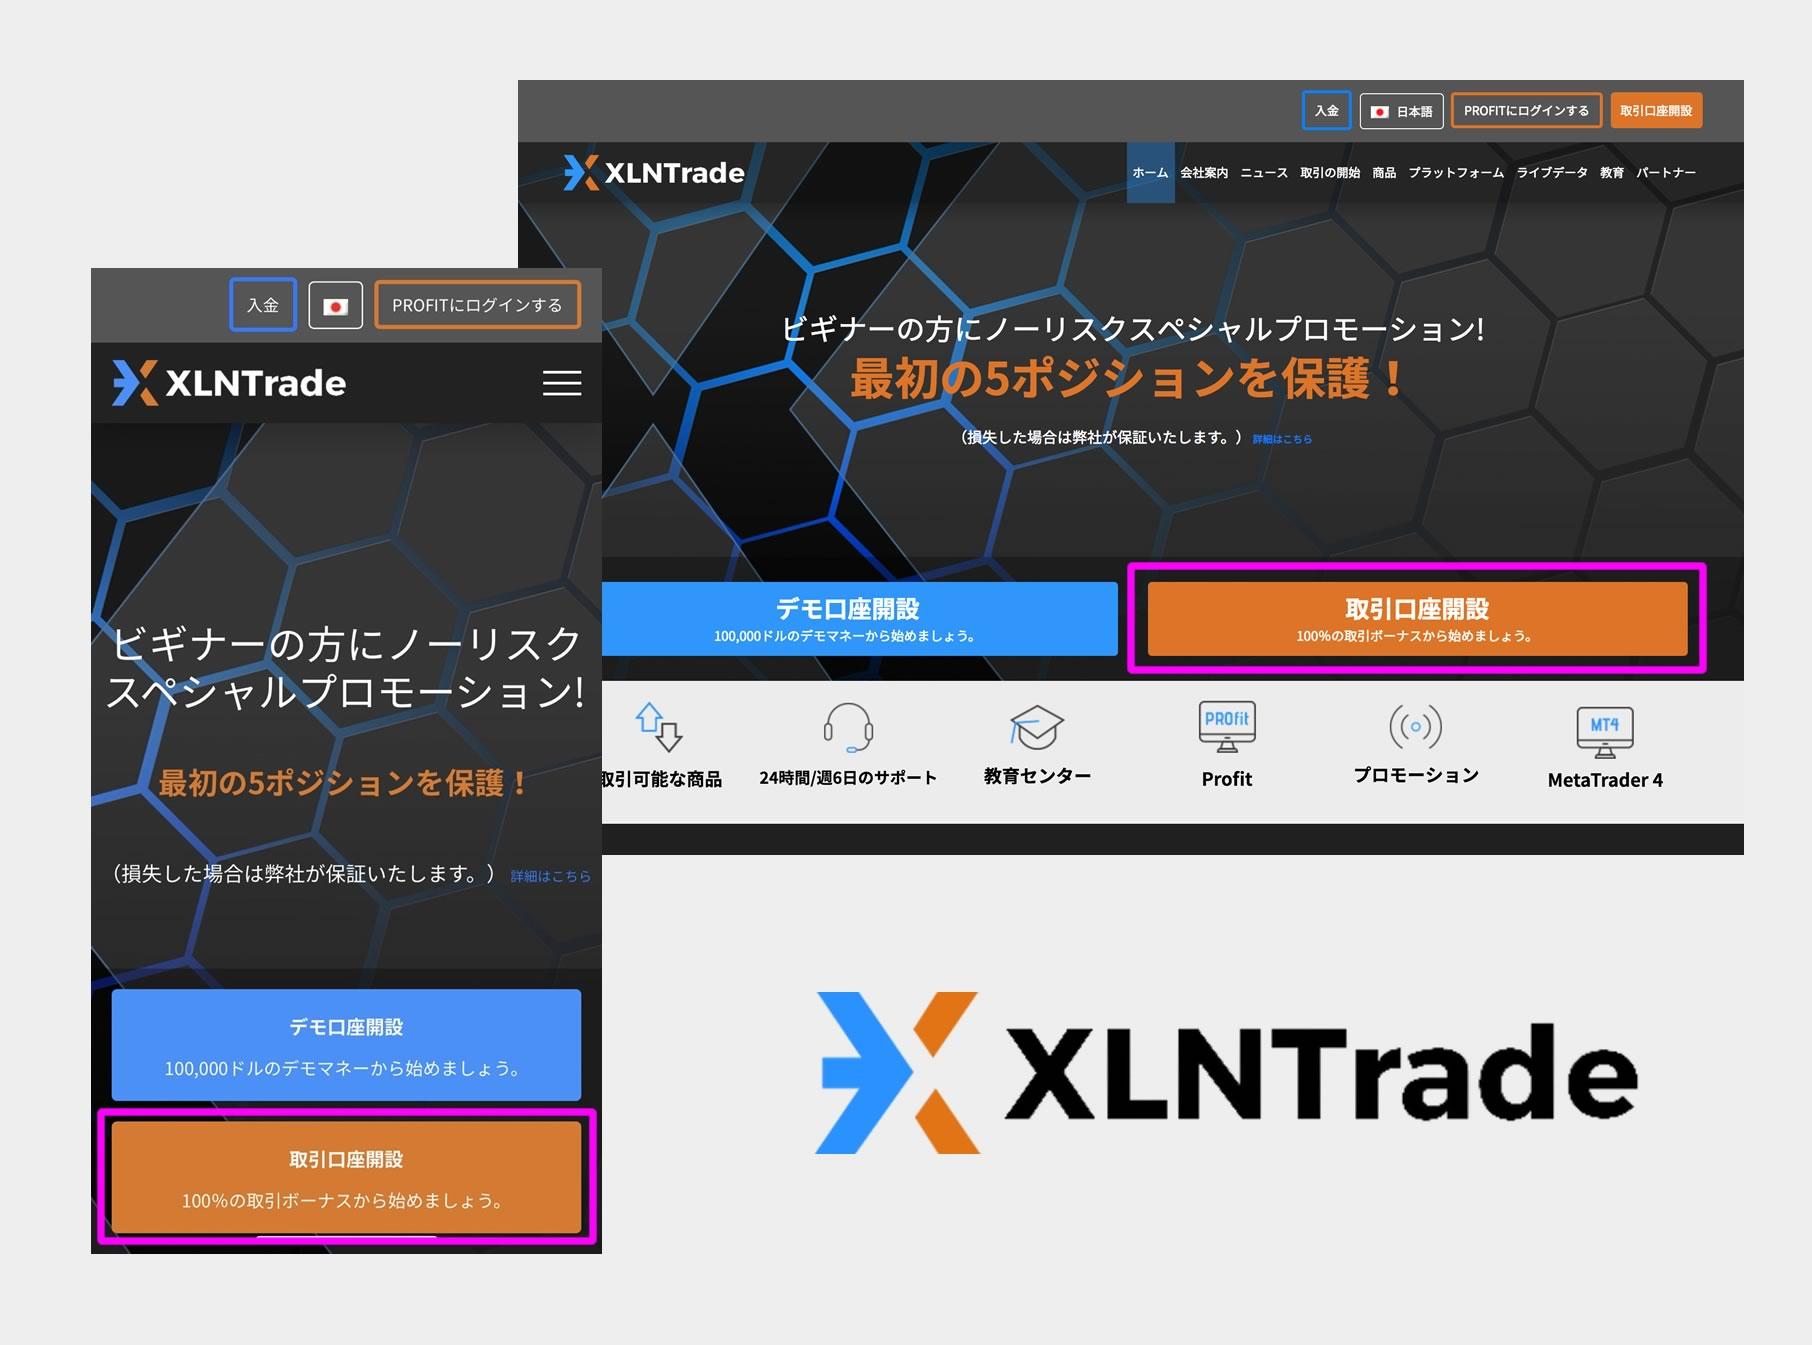 XLNTrade(エクセレントレード)のトップページ